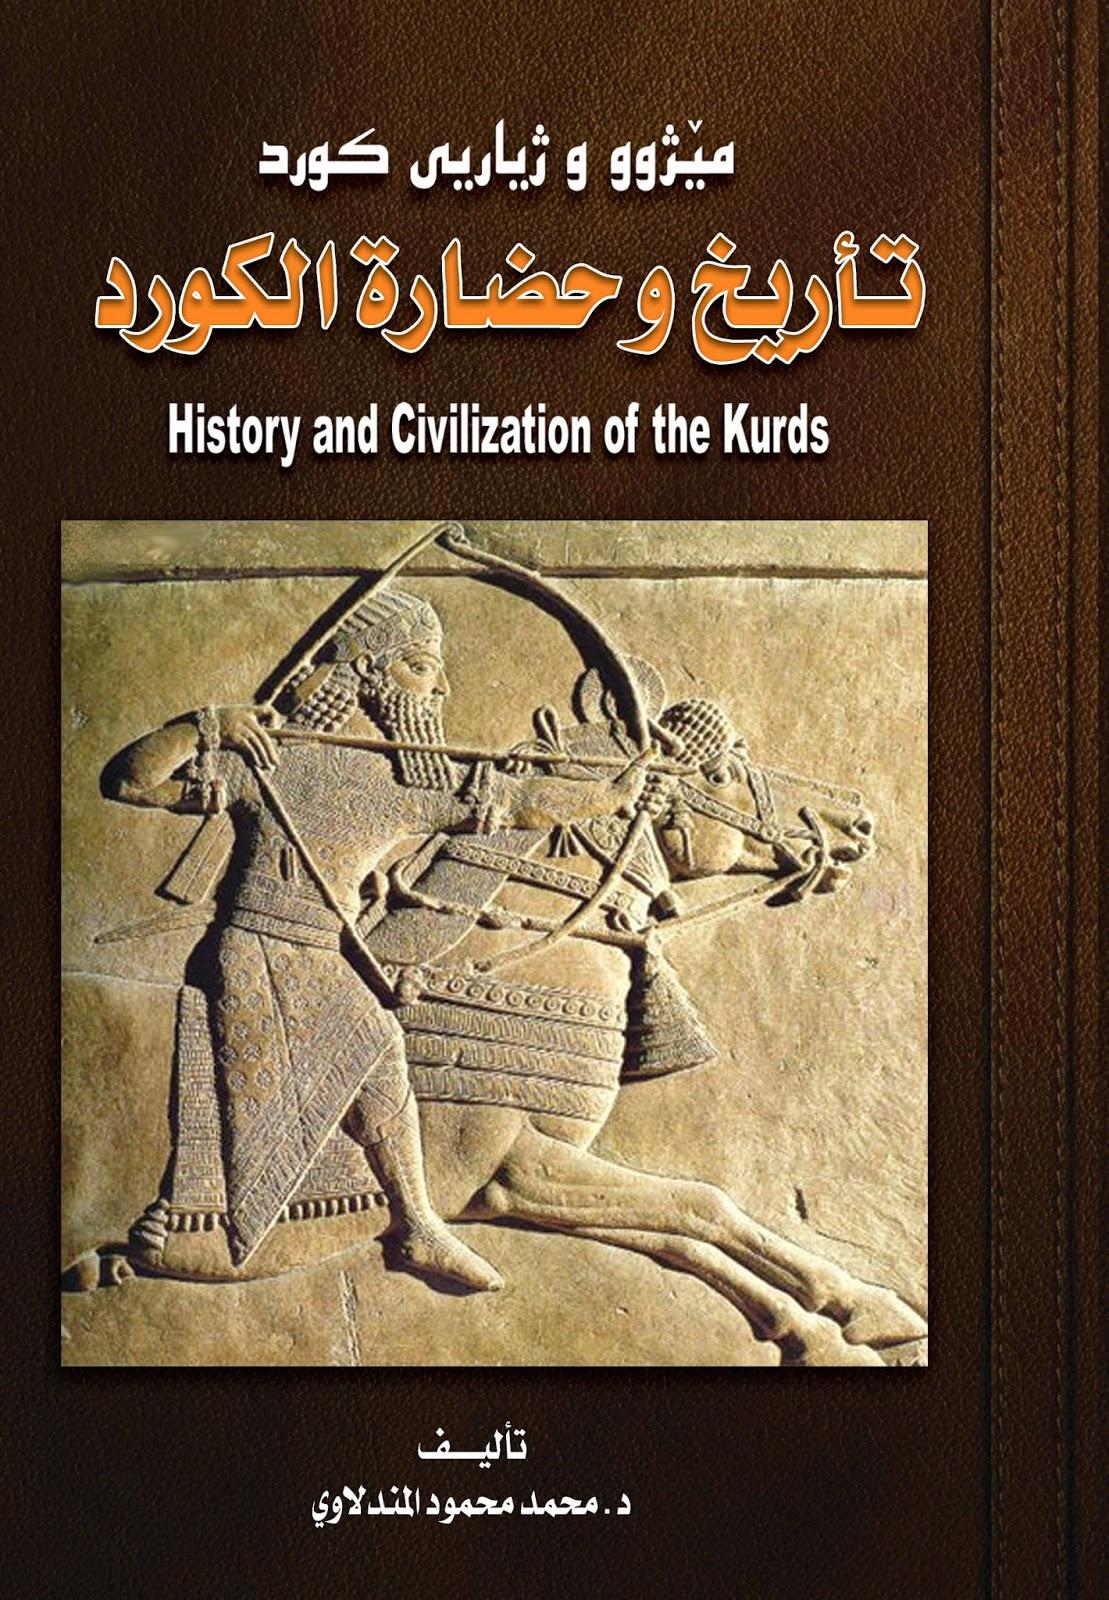 تاريخ الشعوب العربية pdf